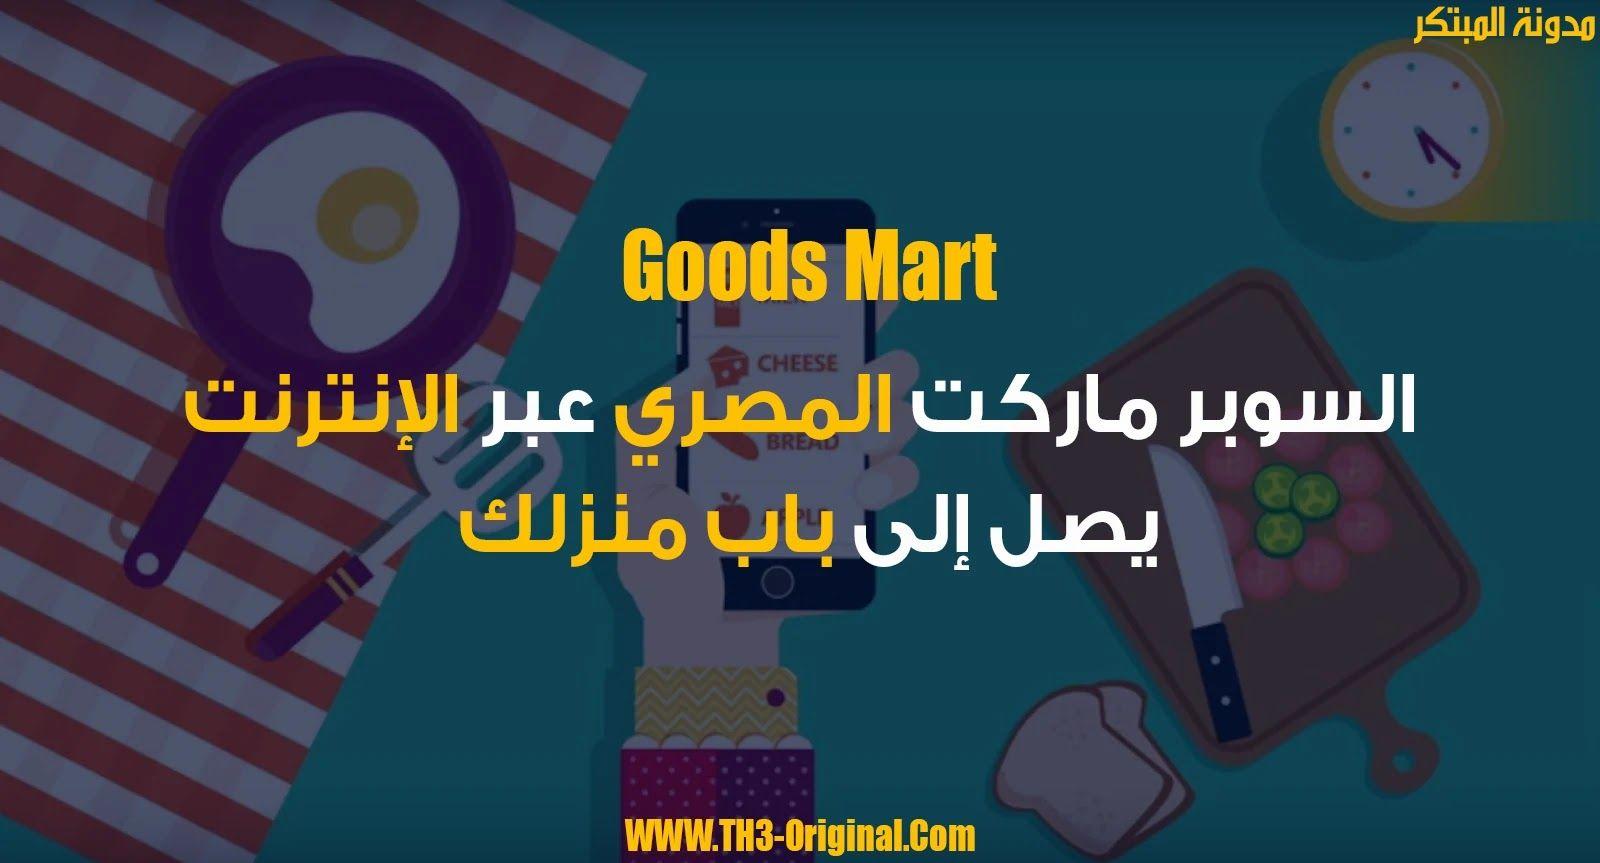 Goodsmart السوبر ماركت المصري عبر الإنترنت يصل إلى باب منزلك Movie Posters Movies Poster